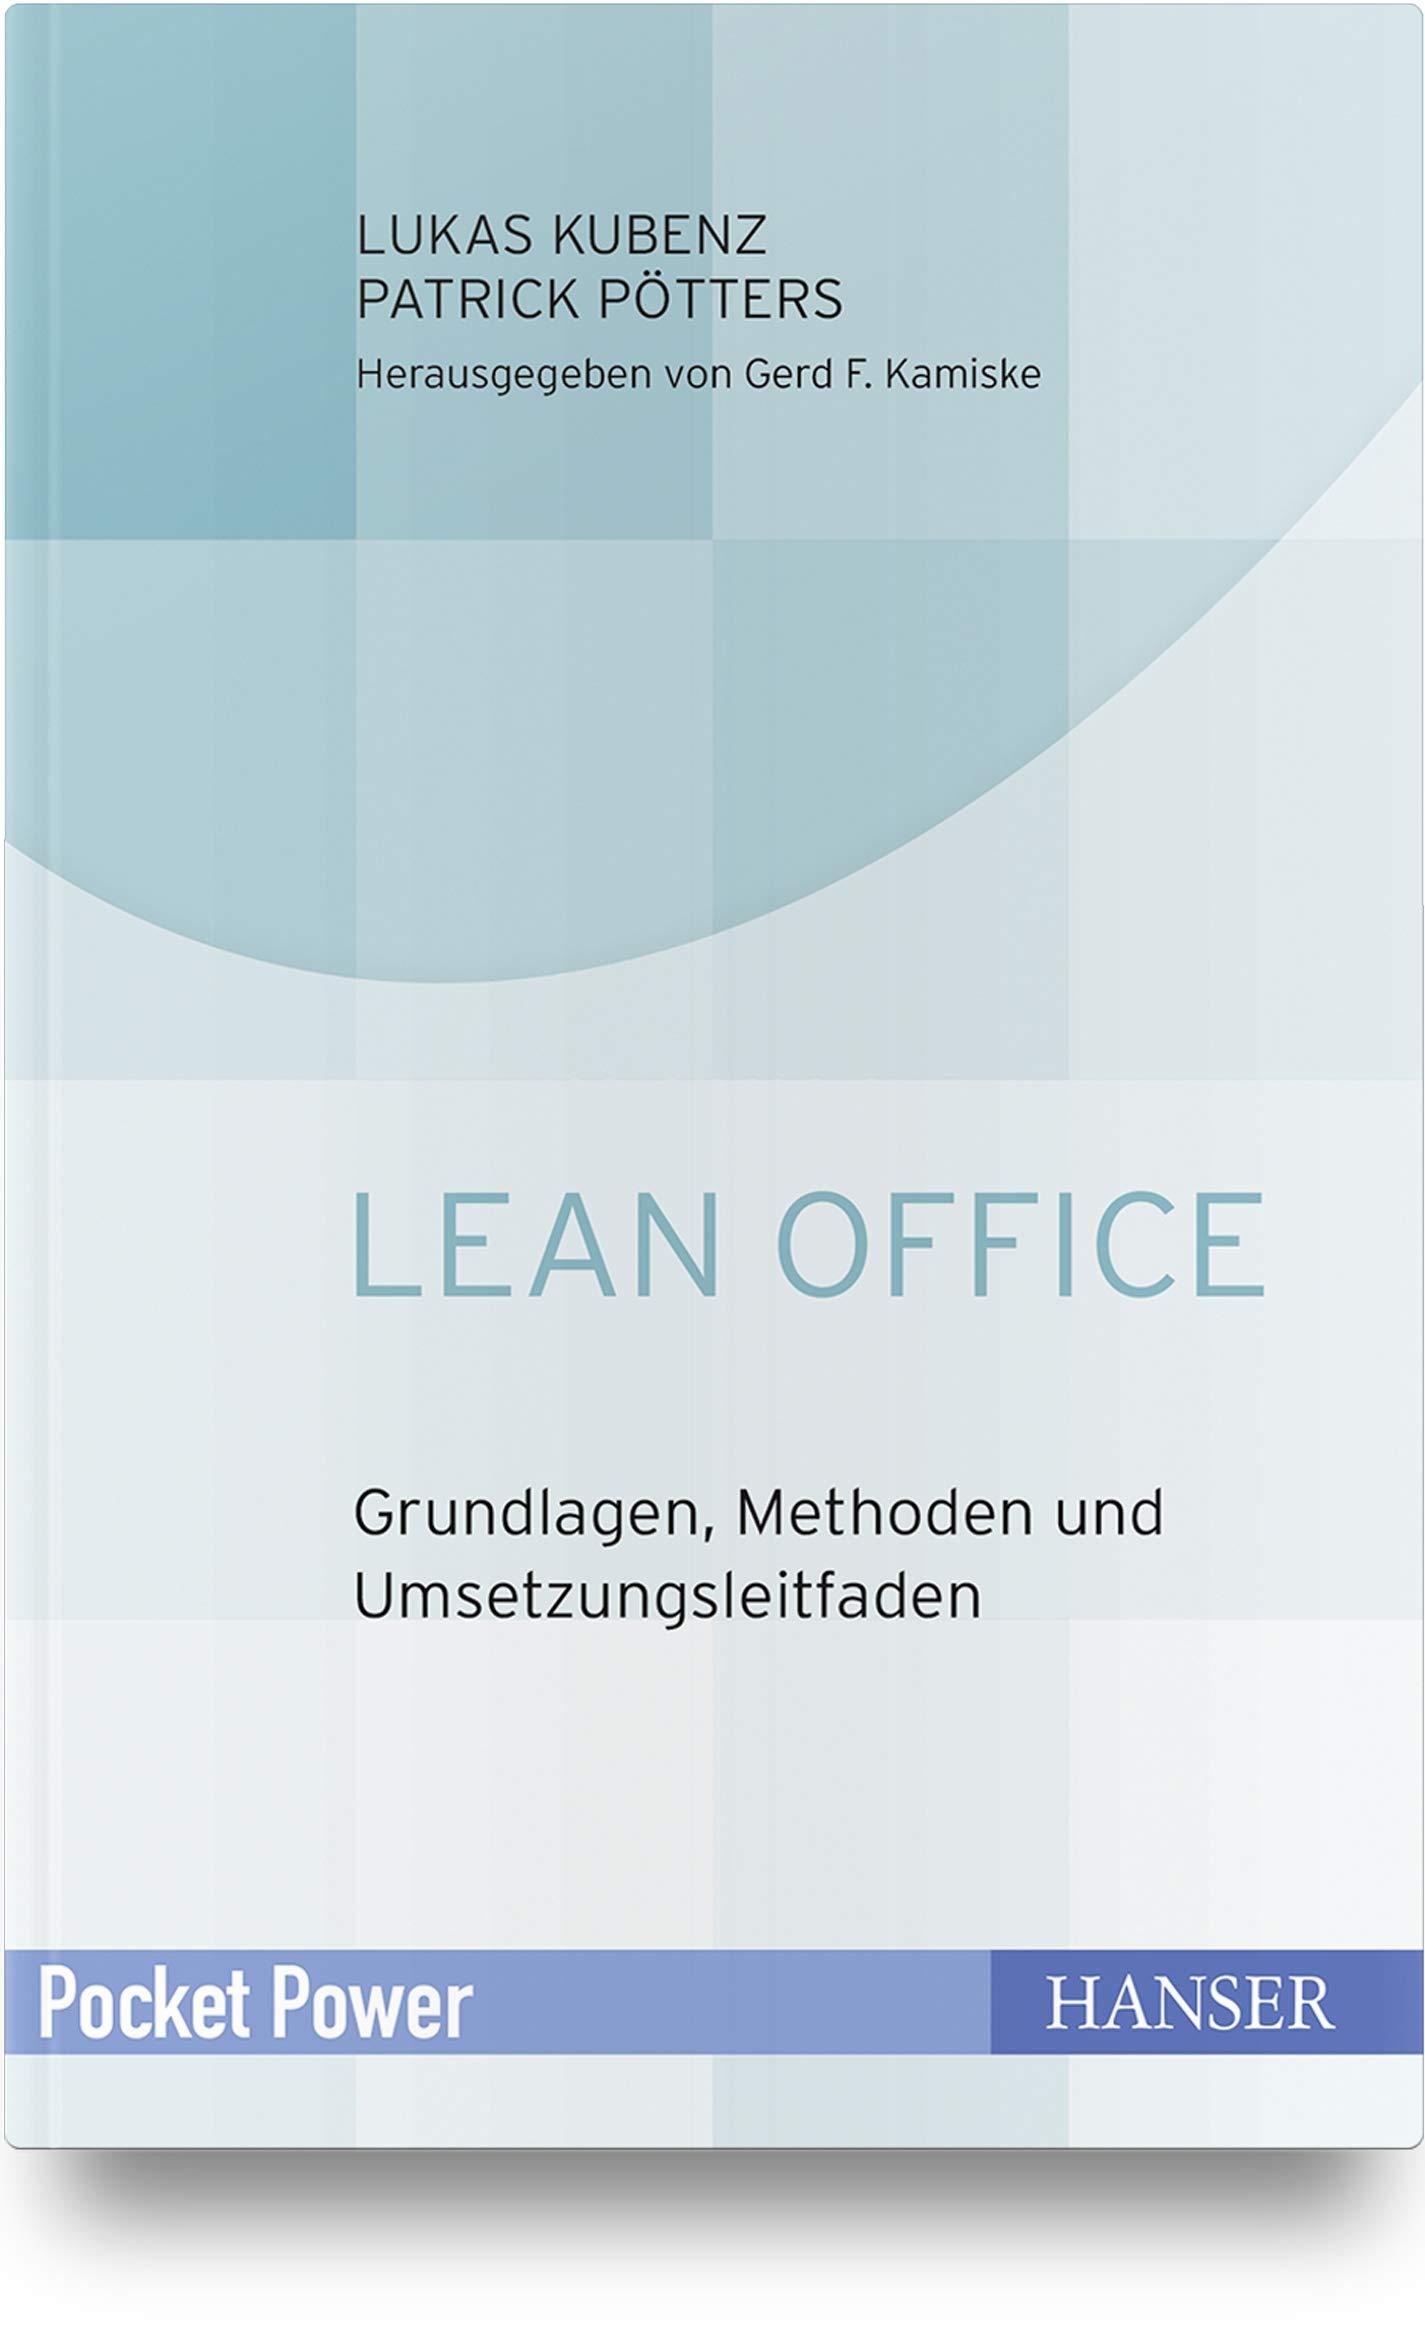 Lean Office: Grundlagen, Methoden und Umsetzungsleitfaden Gebundenes Buch – 12. November 2018 Gerd F. Kamiske Lukas Kubenz Patrick Pötters 3446455302